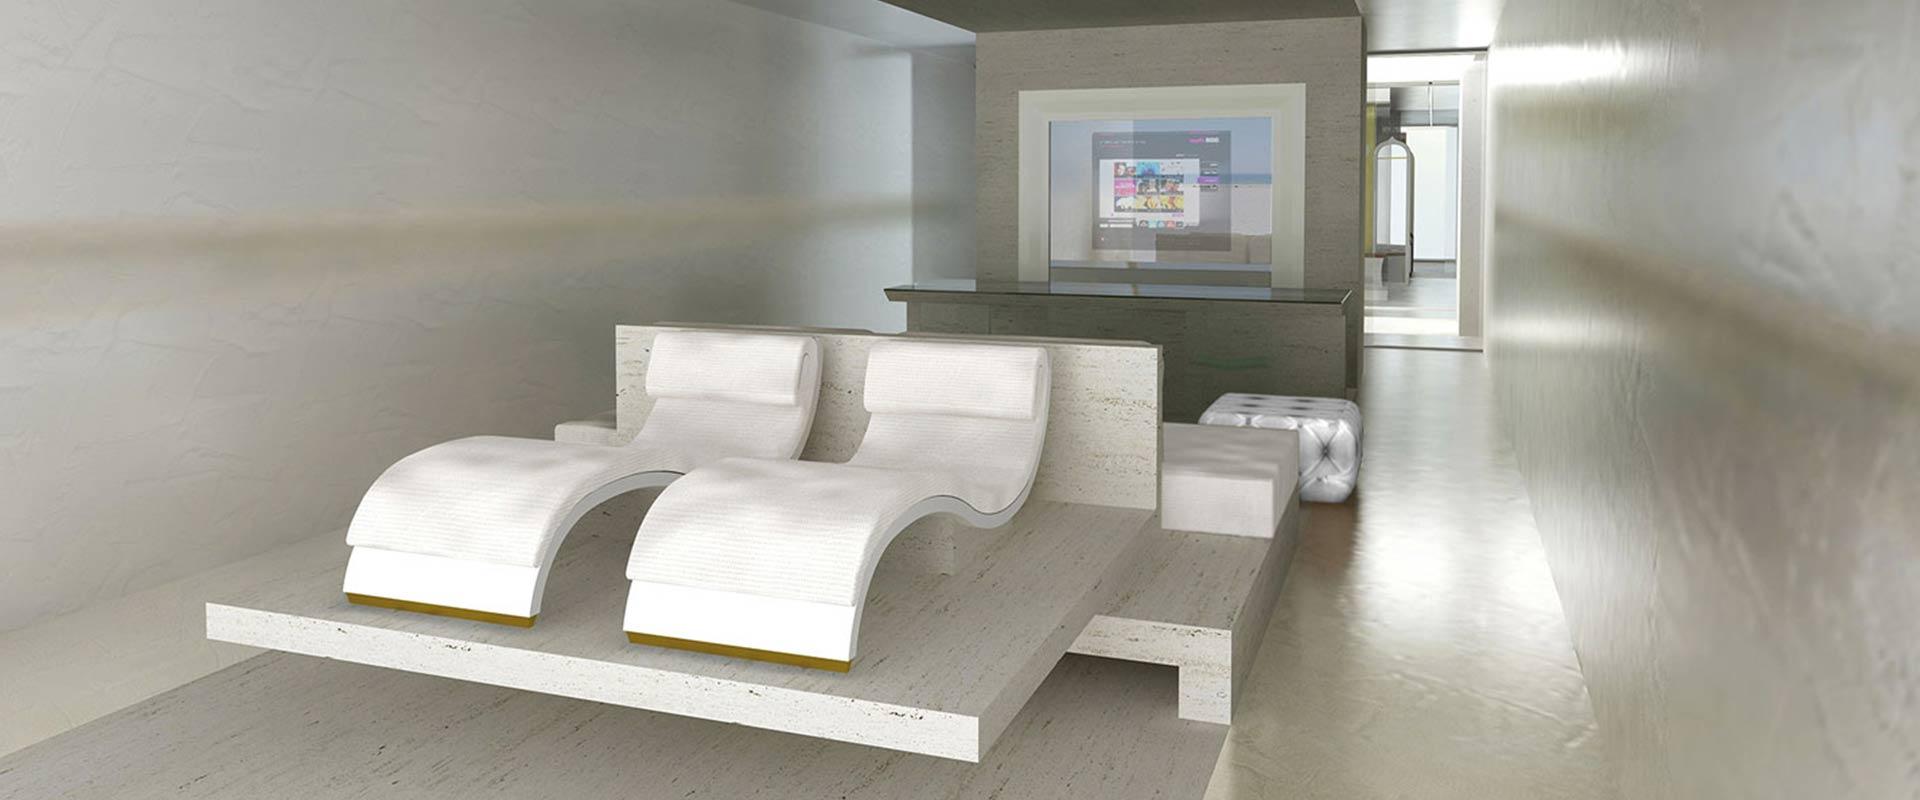 Concorso Suite Baglioni Hotel a Dubai